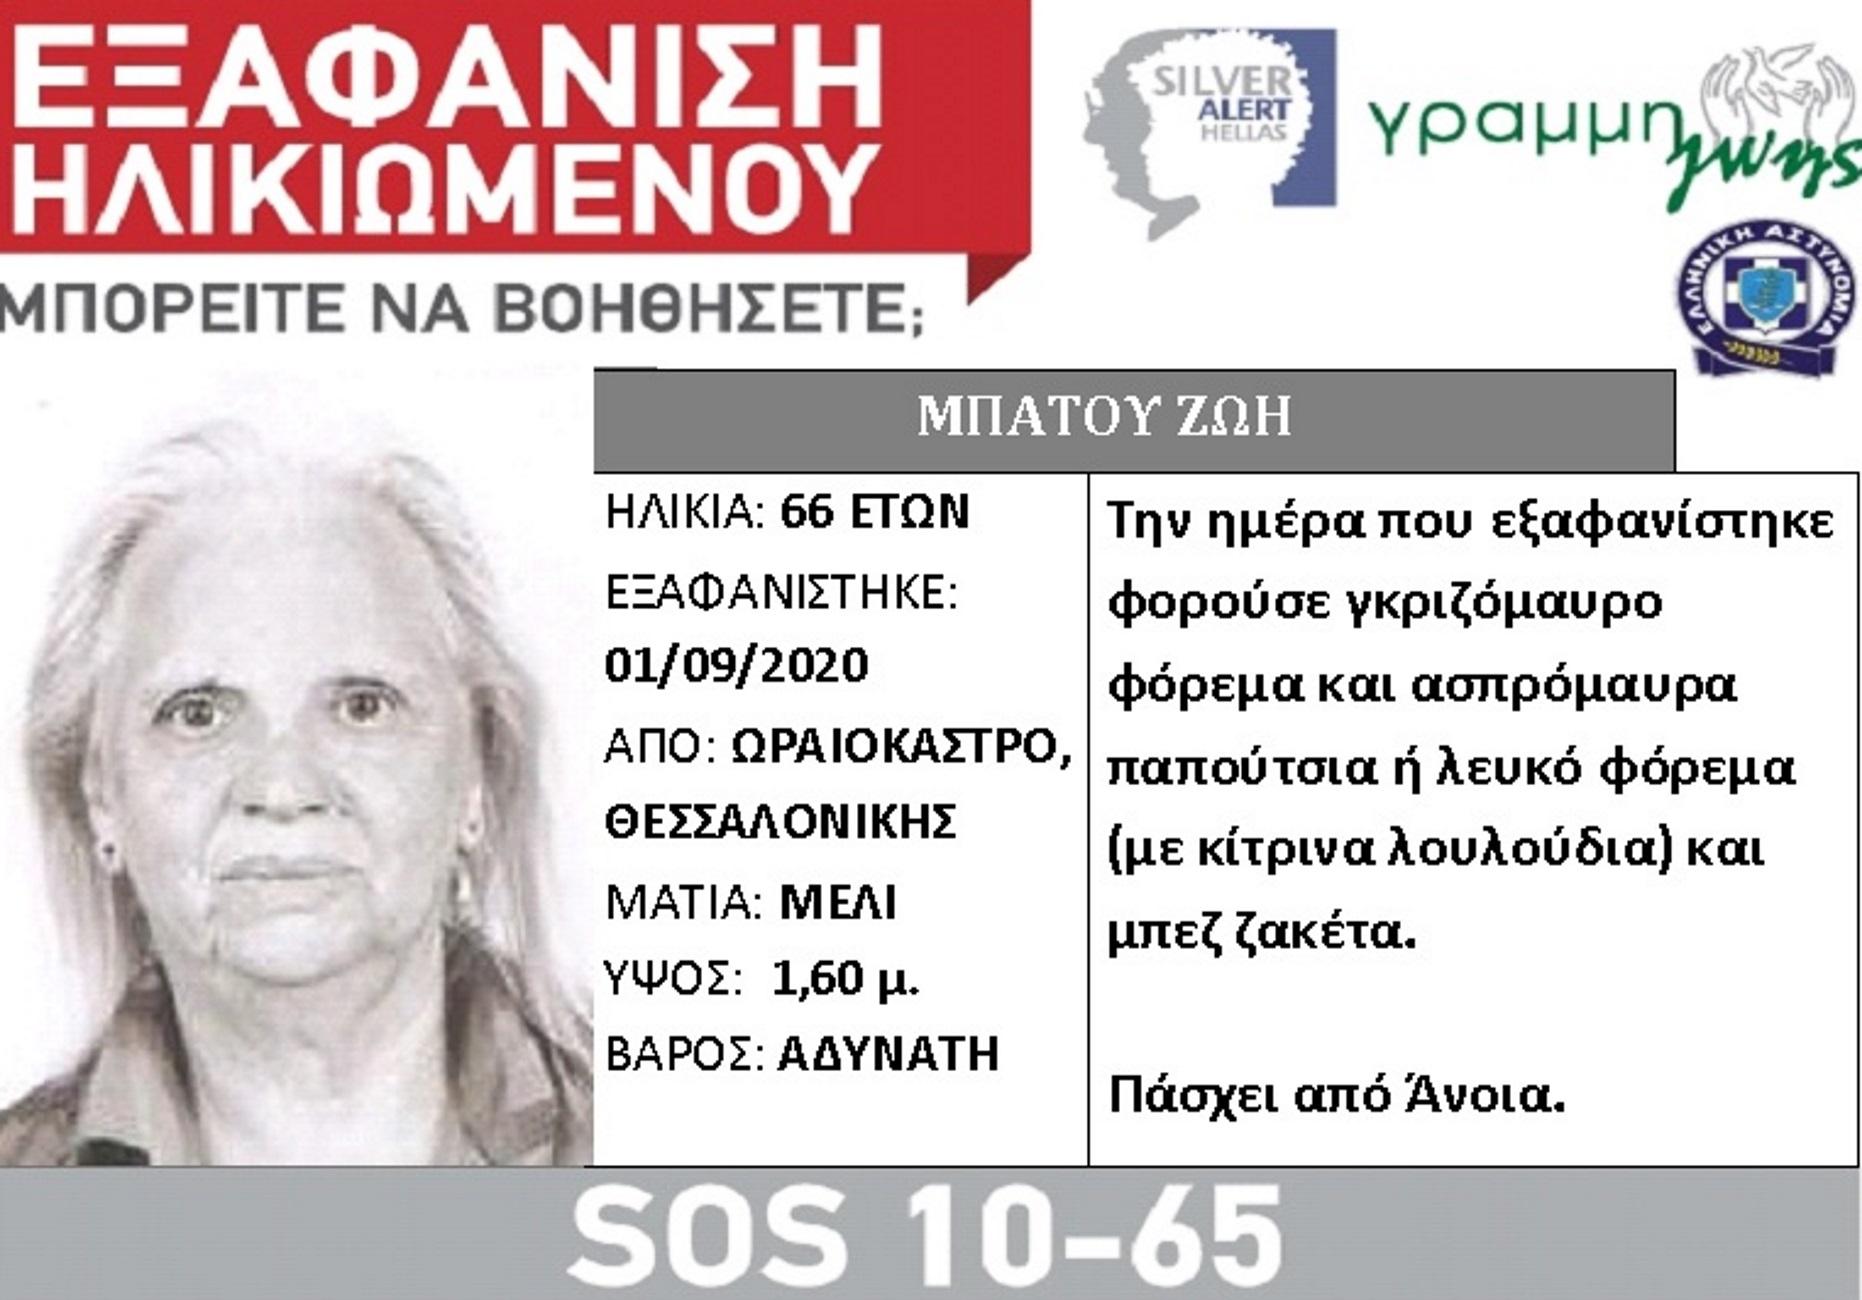 """Θεσσαλονίκη: Στο κόκκινο η αγωνία για το θρίλερ της εξαφάνισης γυναίκας! """"Η ζωή της βρίσκεται σε κίνδυνο"""""""